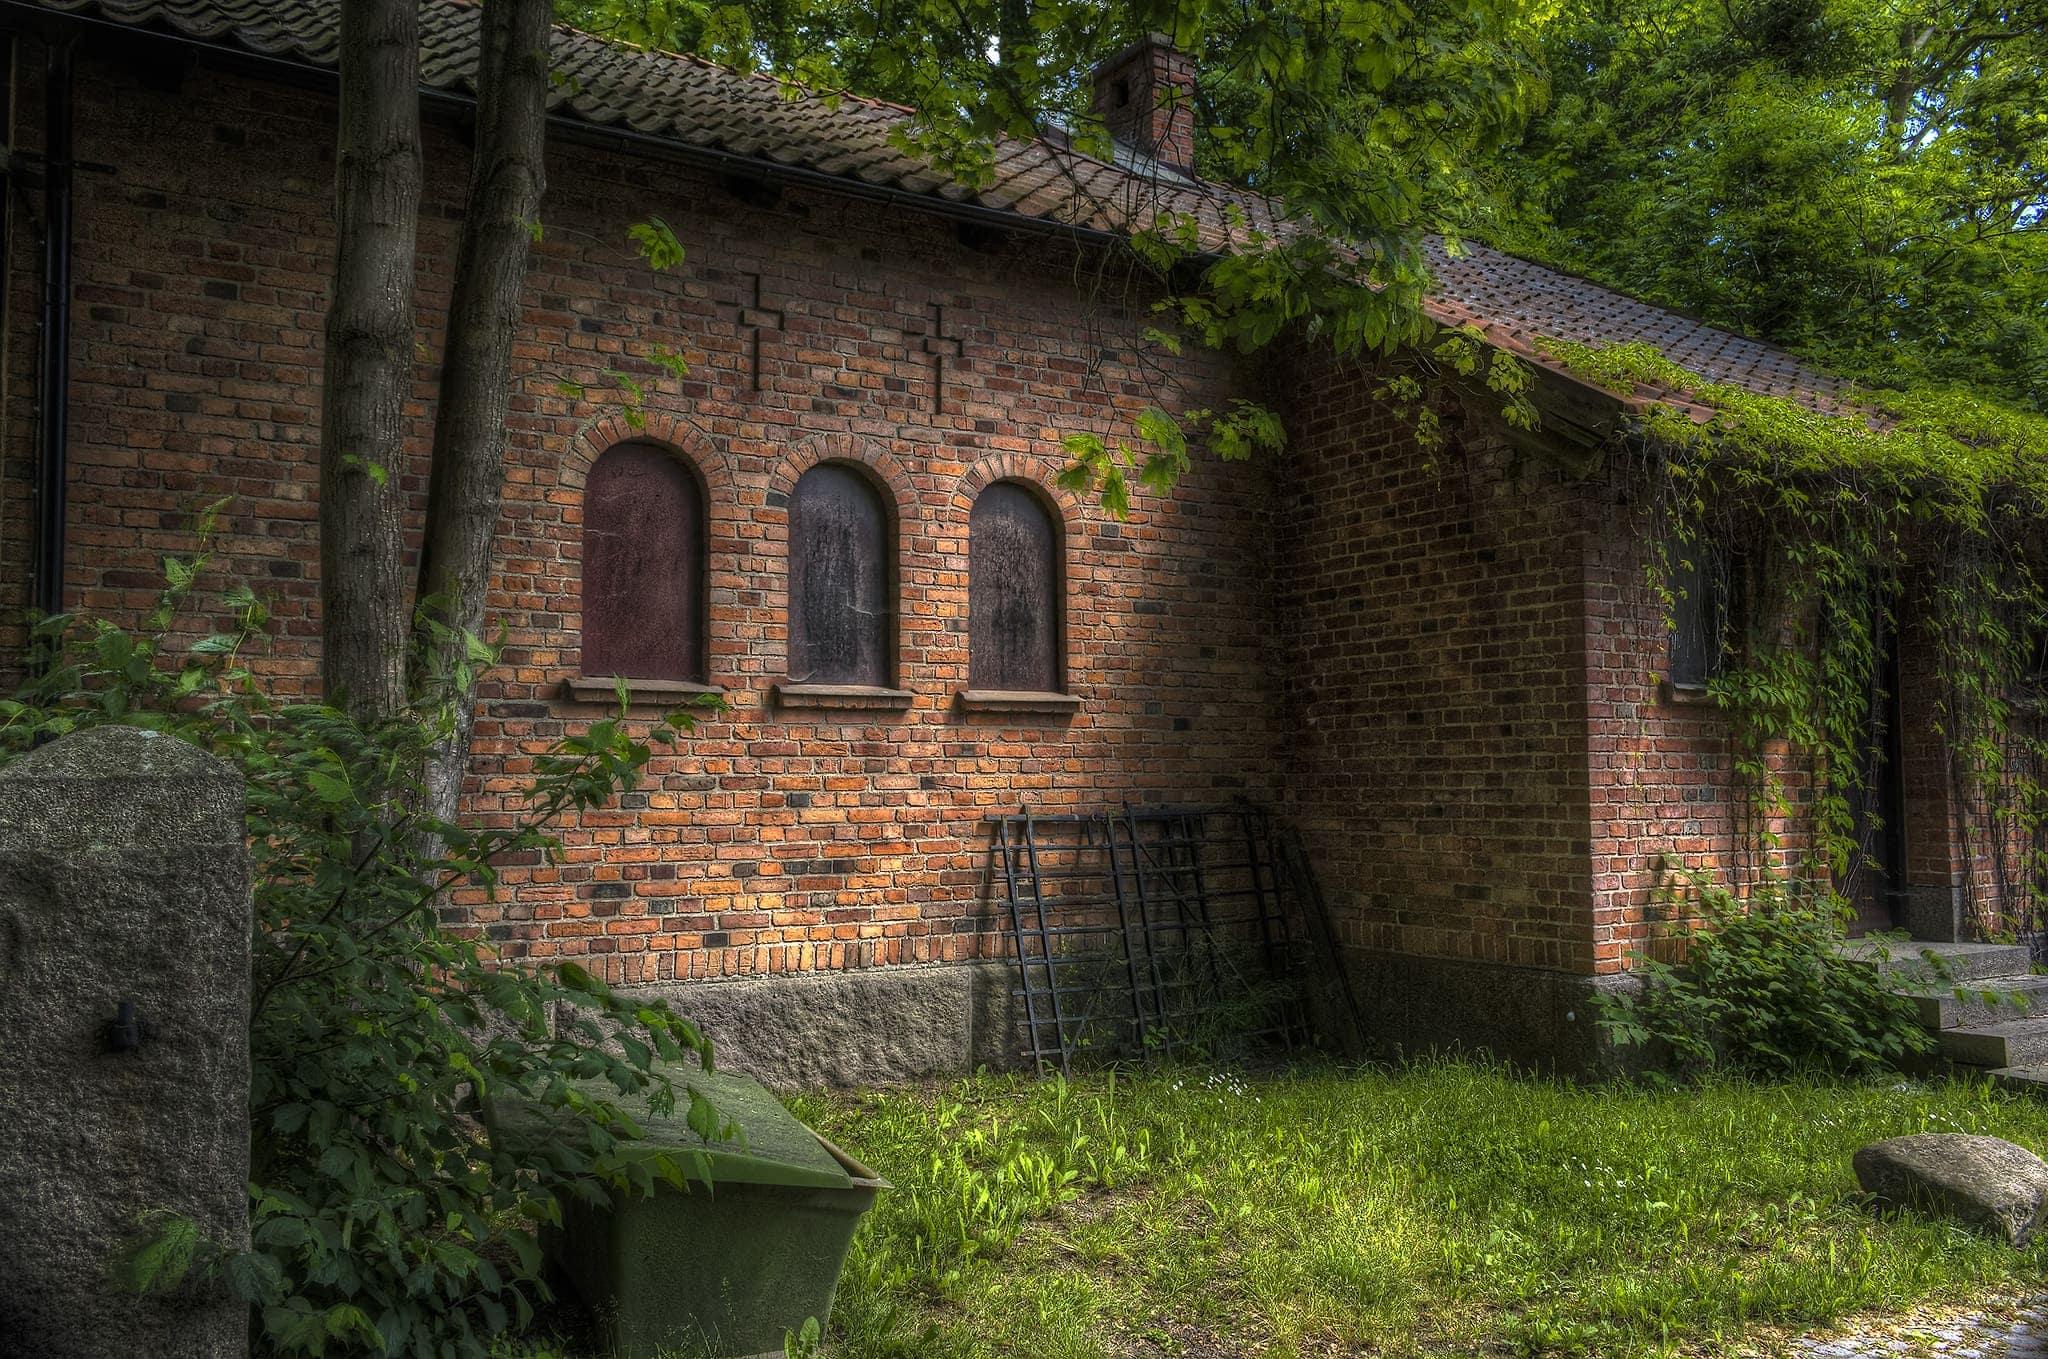 Kubrunnen Tegelhus